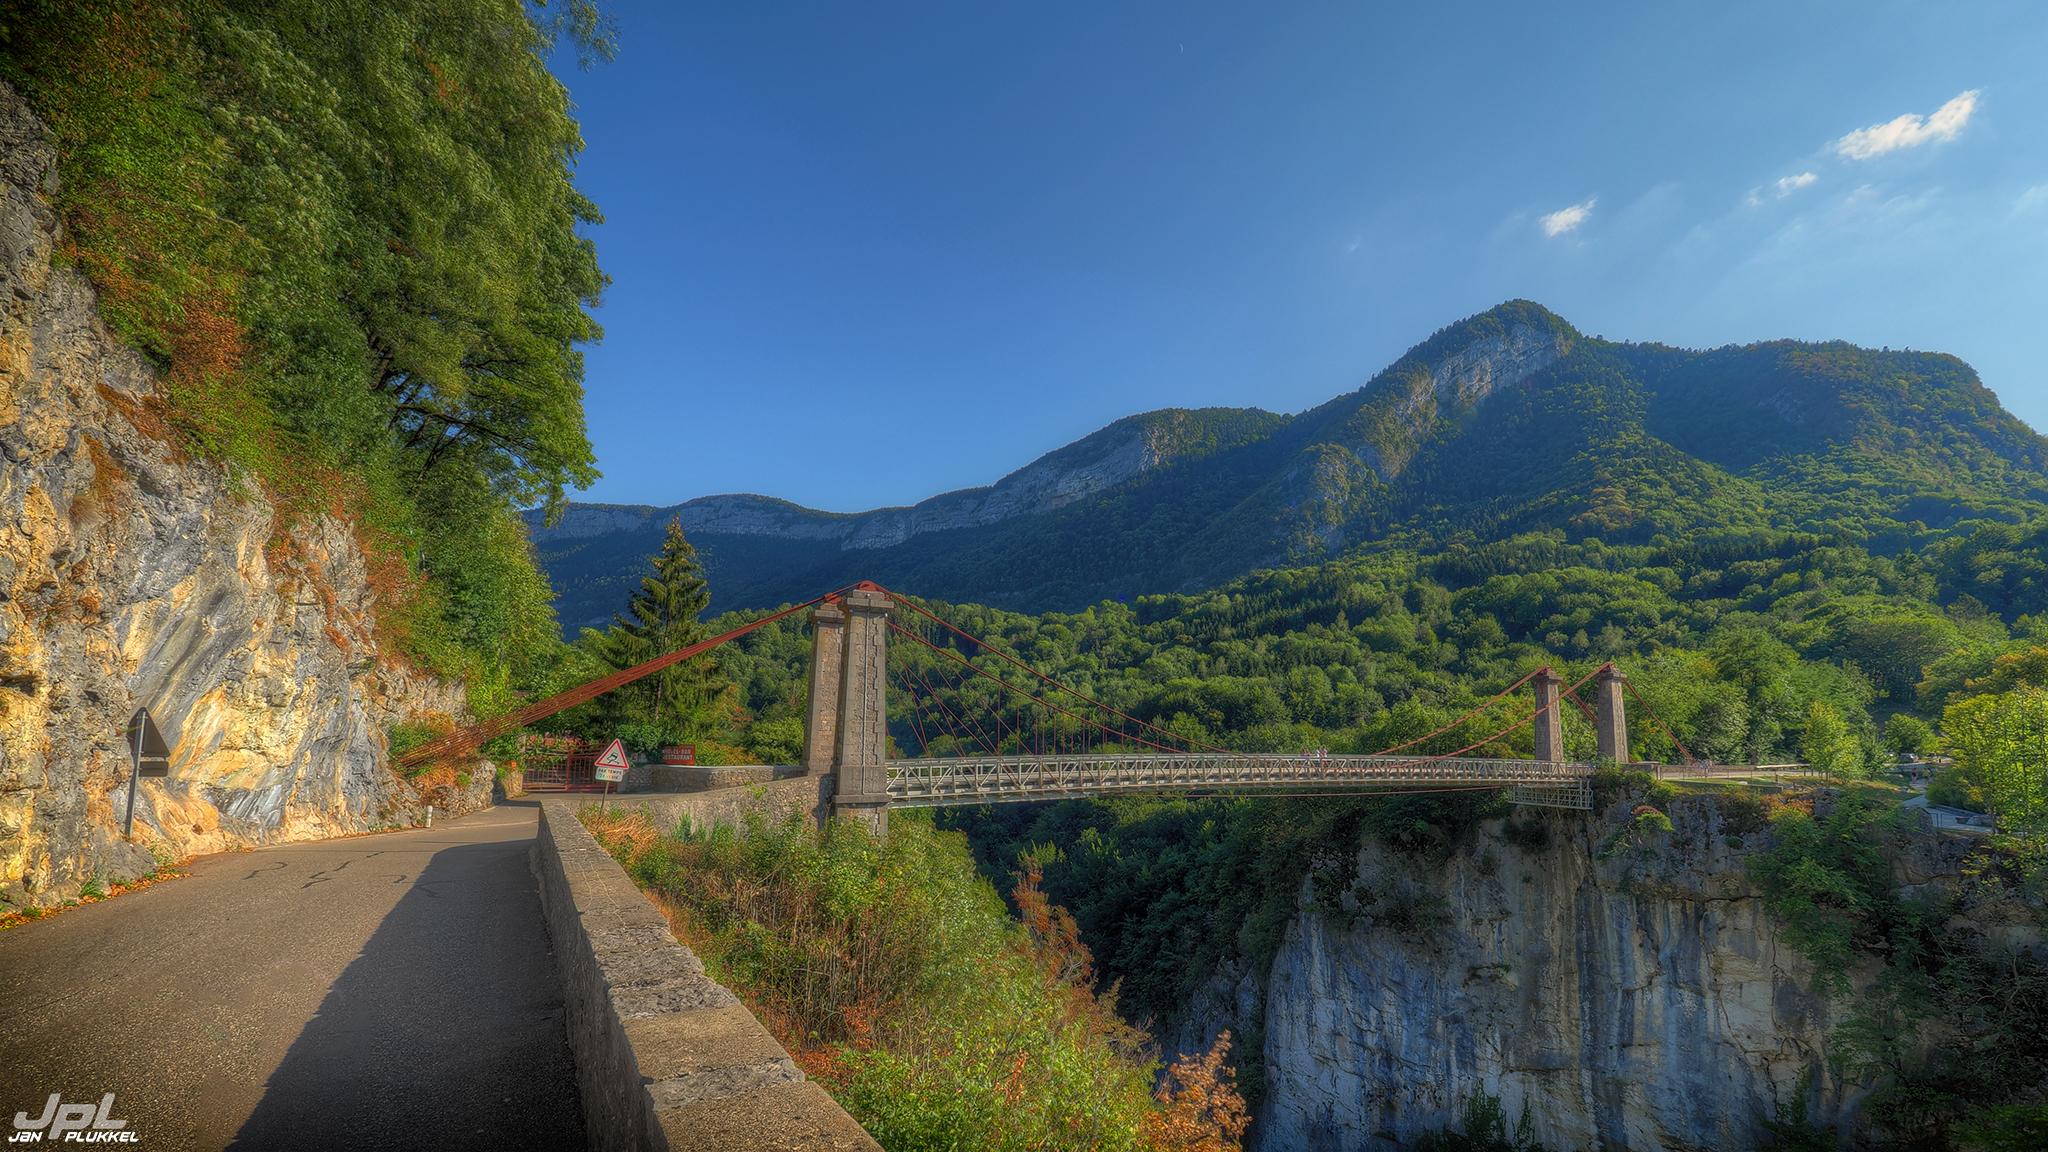 Pont de L'abime., France